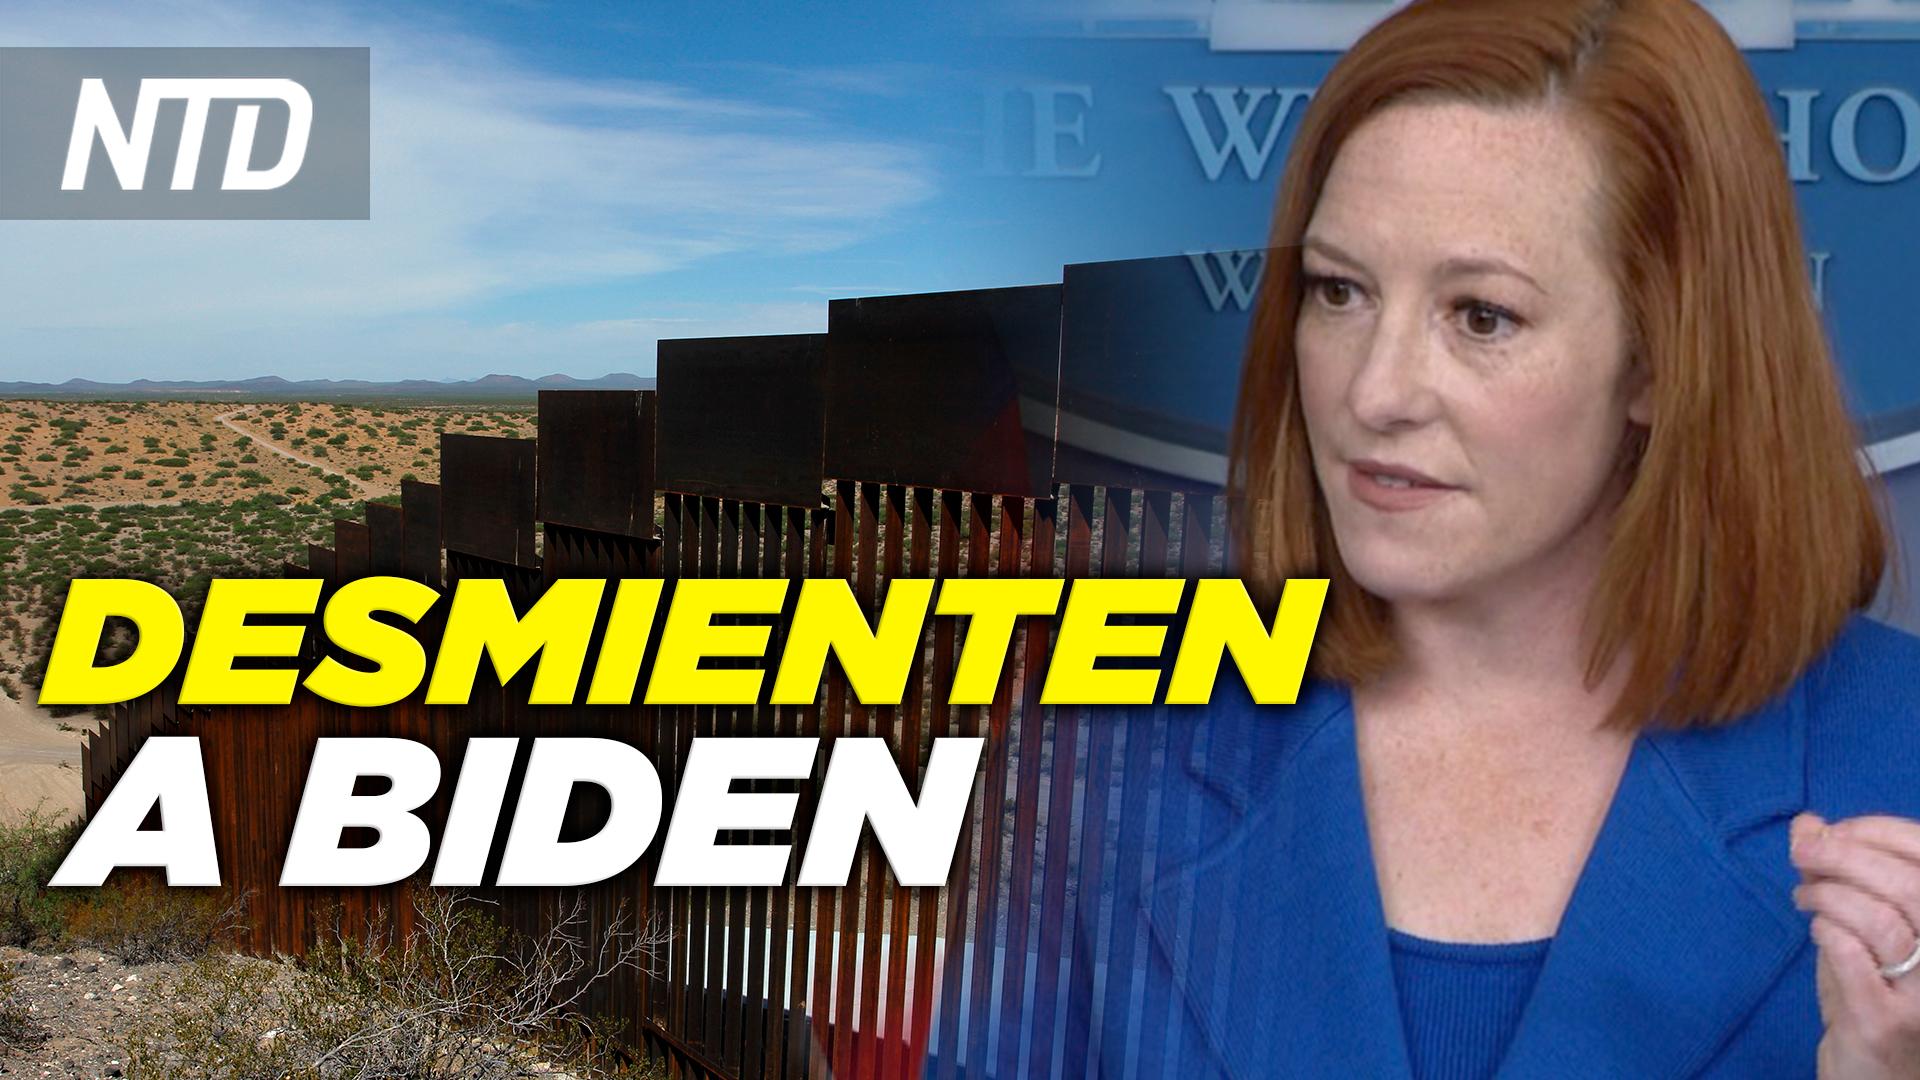 NTD Noticias: Desmienten a Biden sobre crisis fronteriza; Raúl Castro se retira de la cúpula comunista